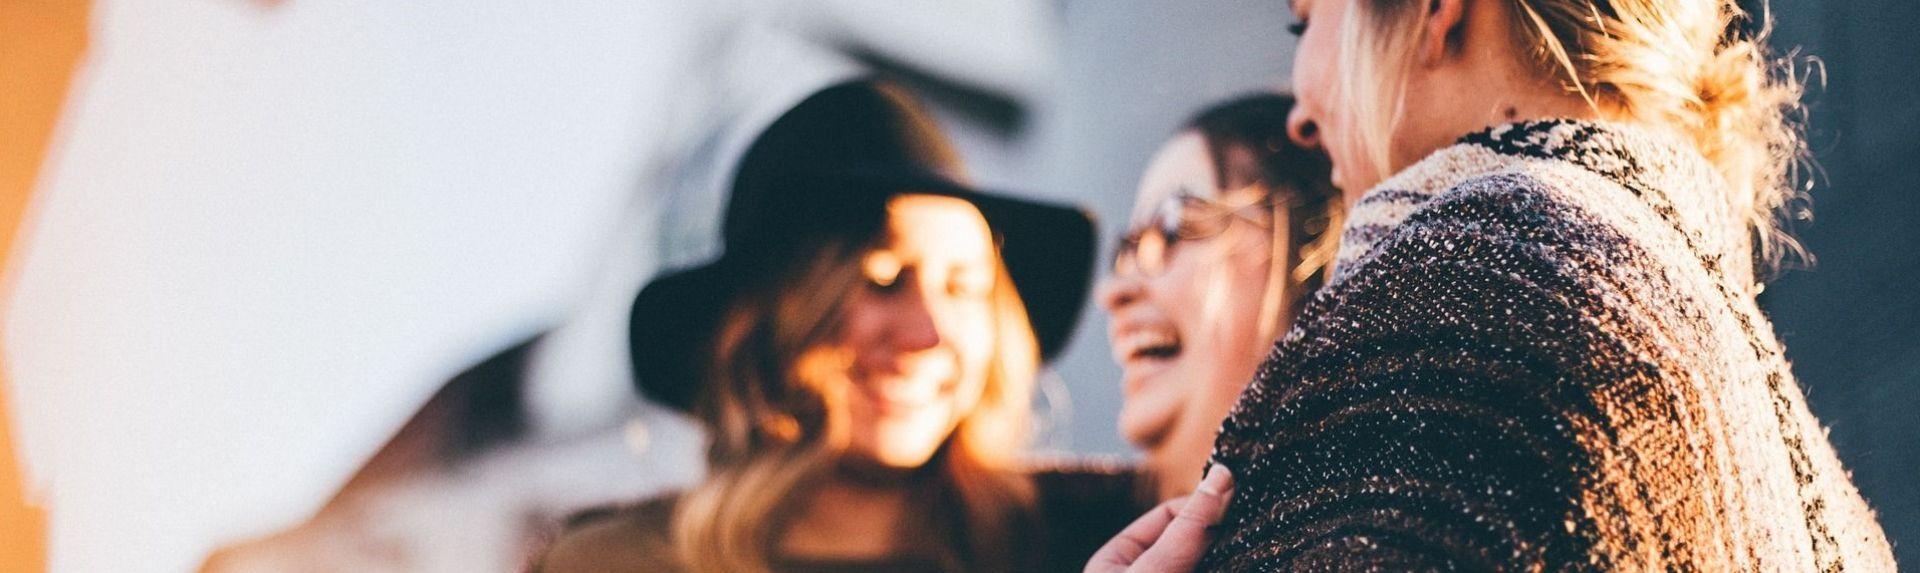 Пременопауза: как меняется женский организм